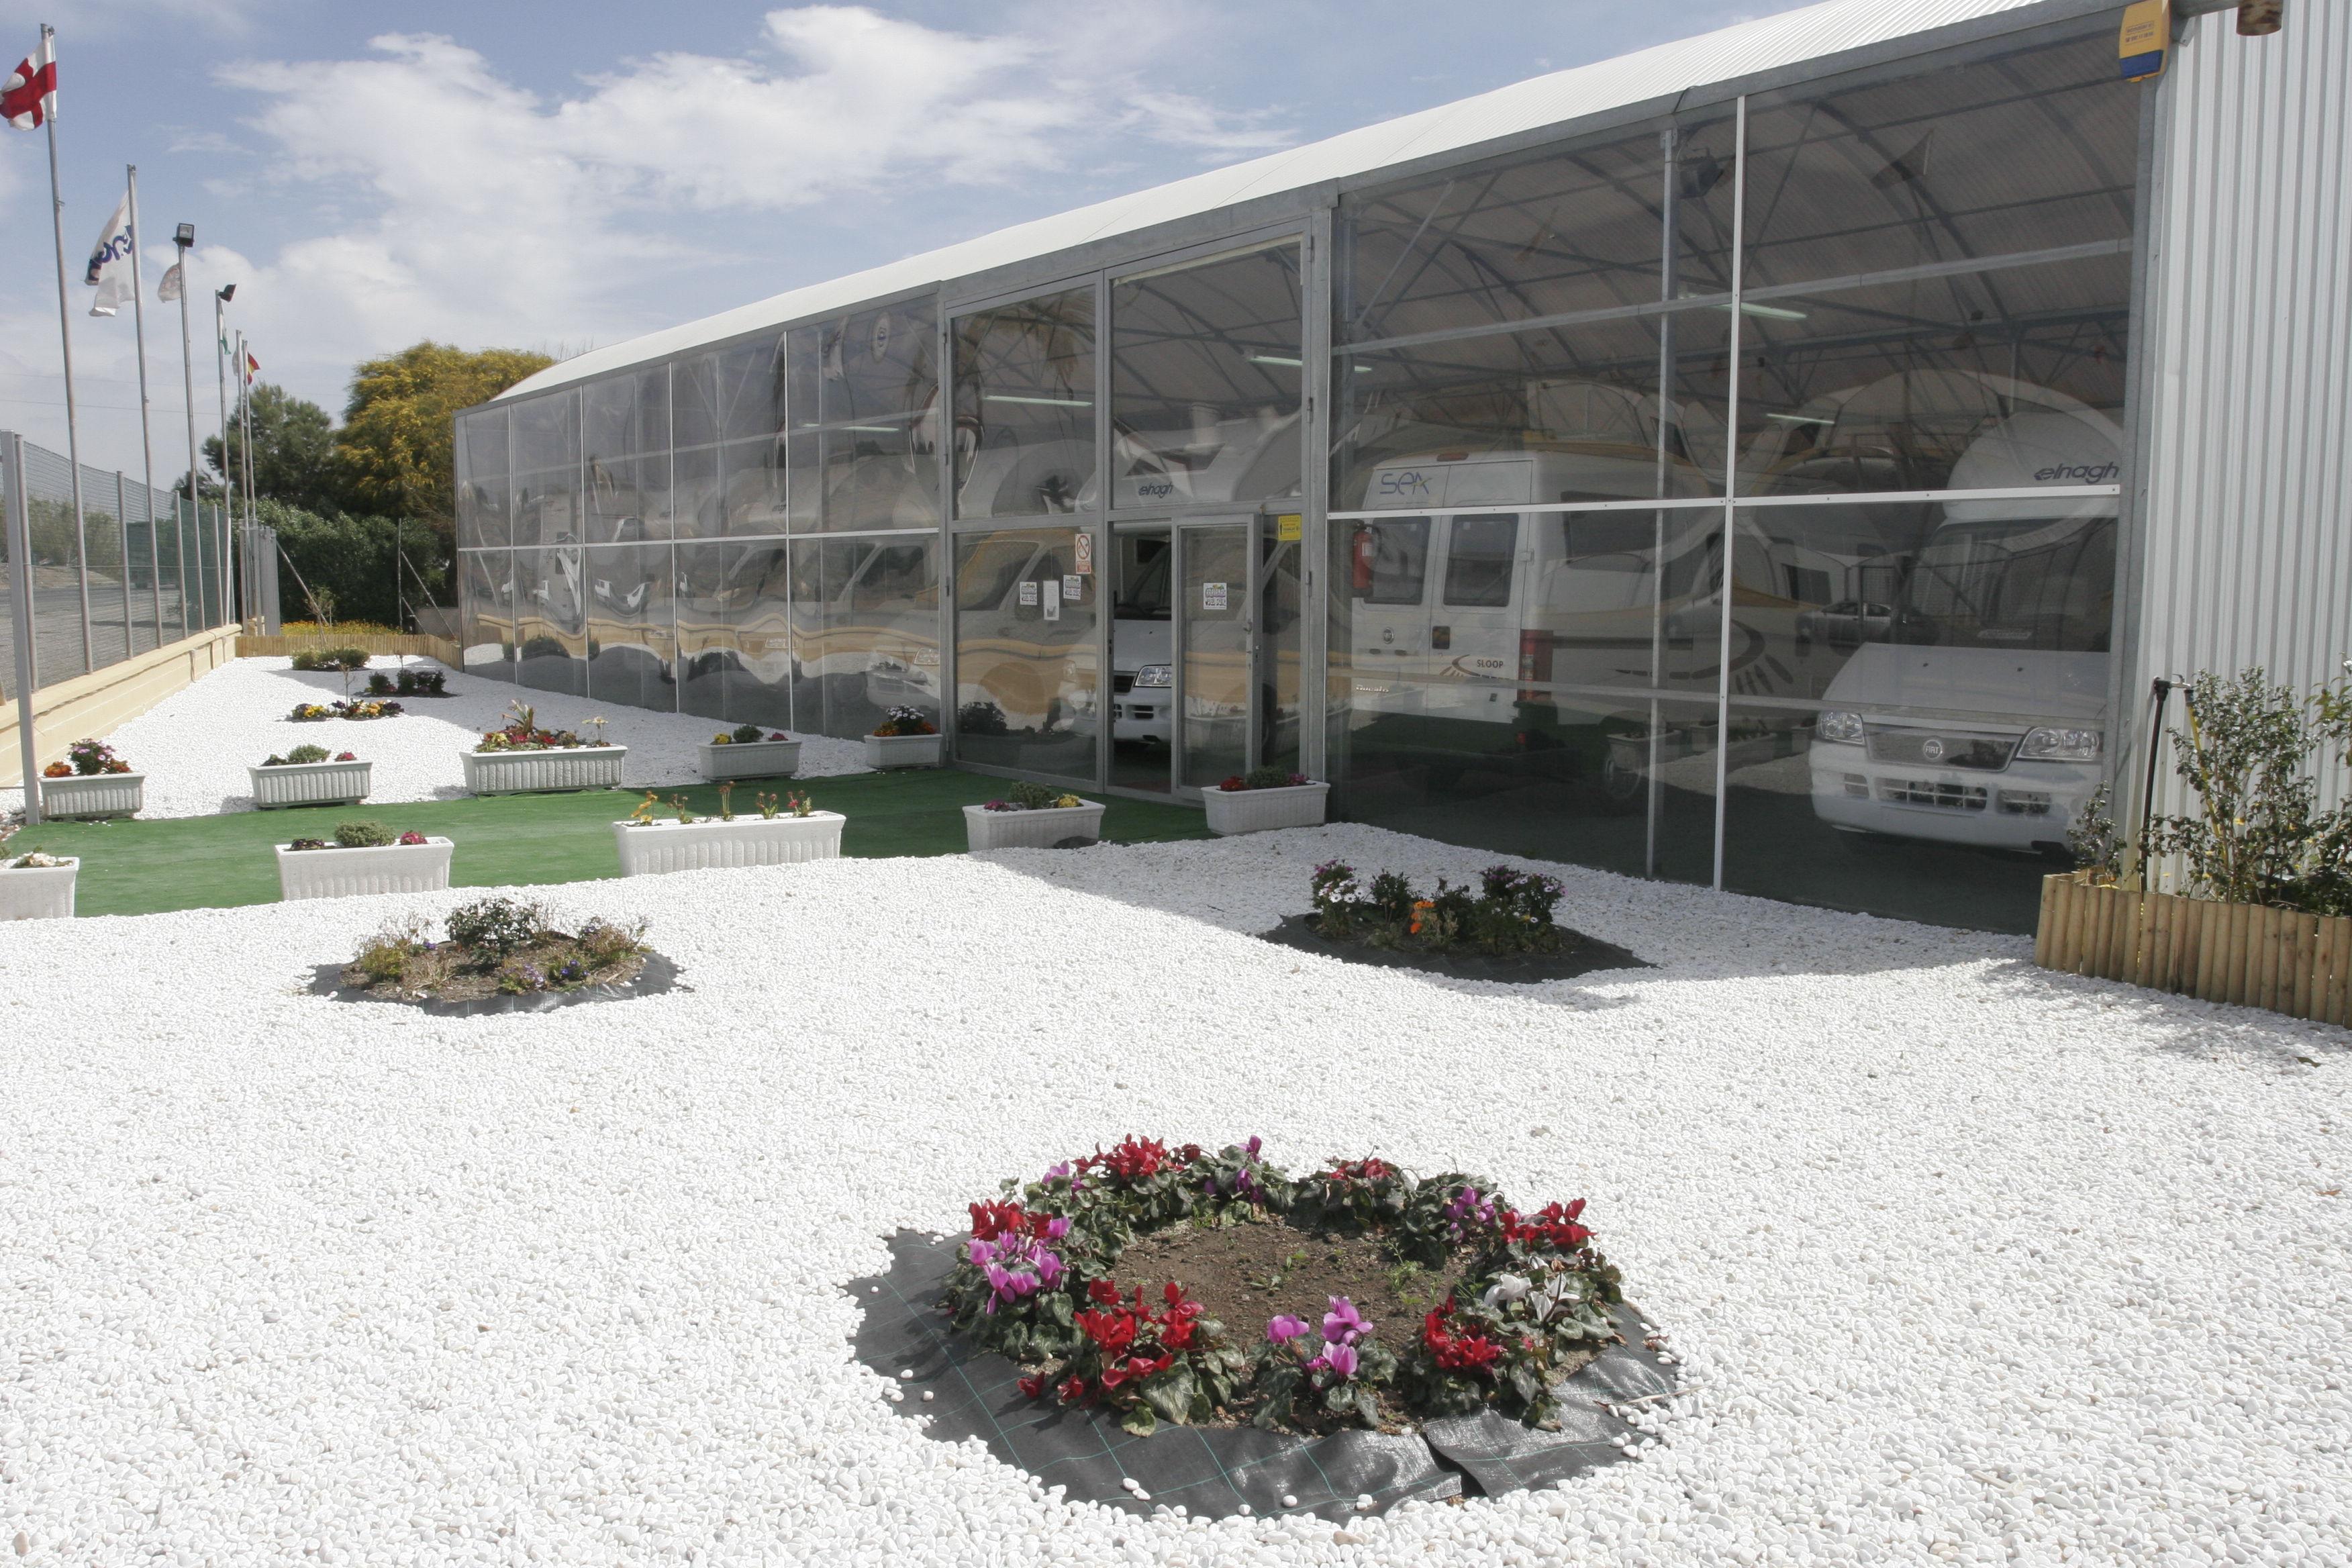 Foto 2 de Caravanas y autocaravanas en Almeria | Caravanas Molina